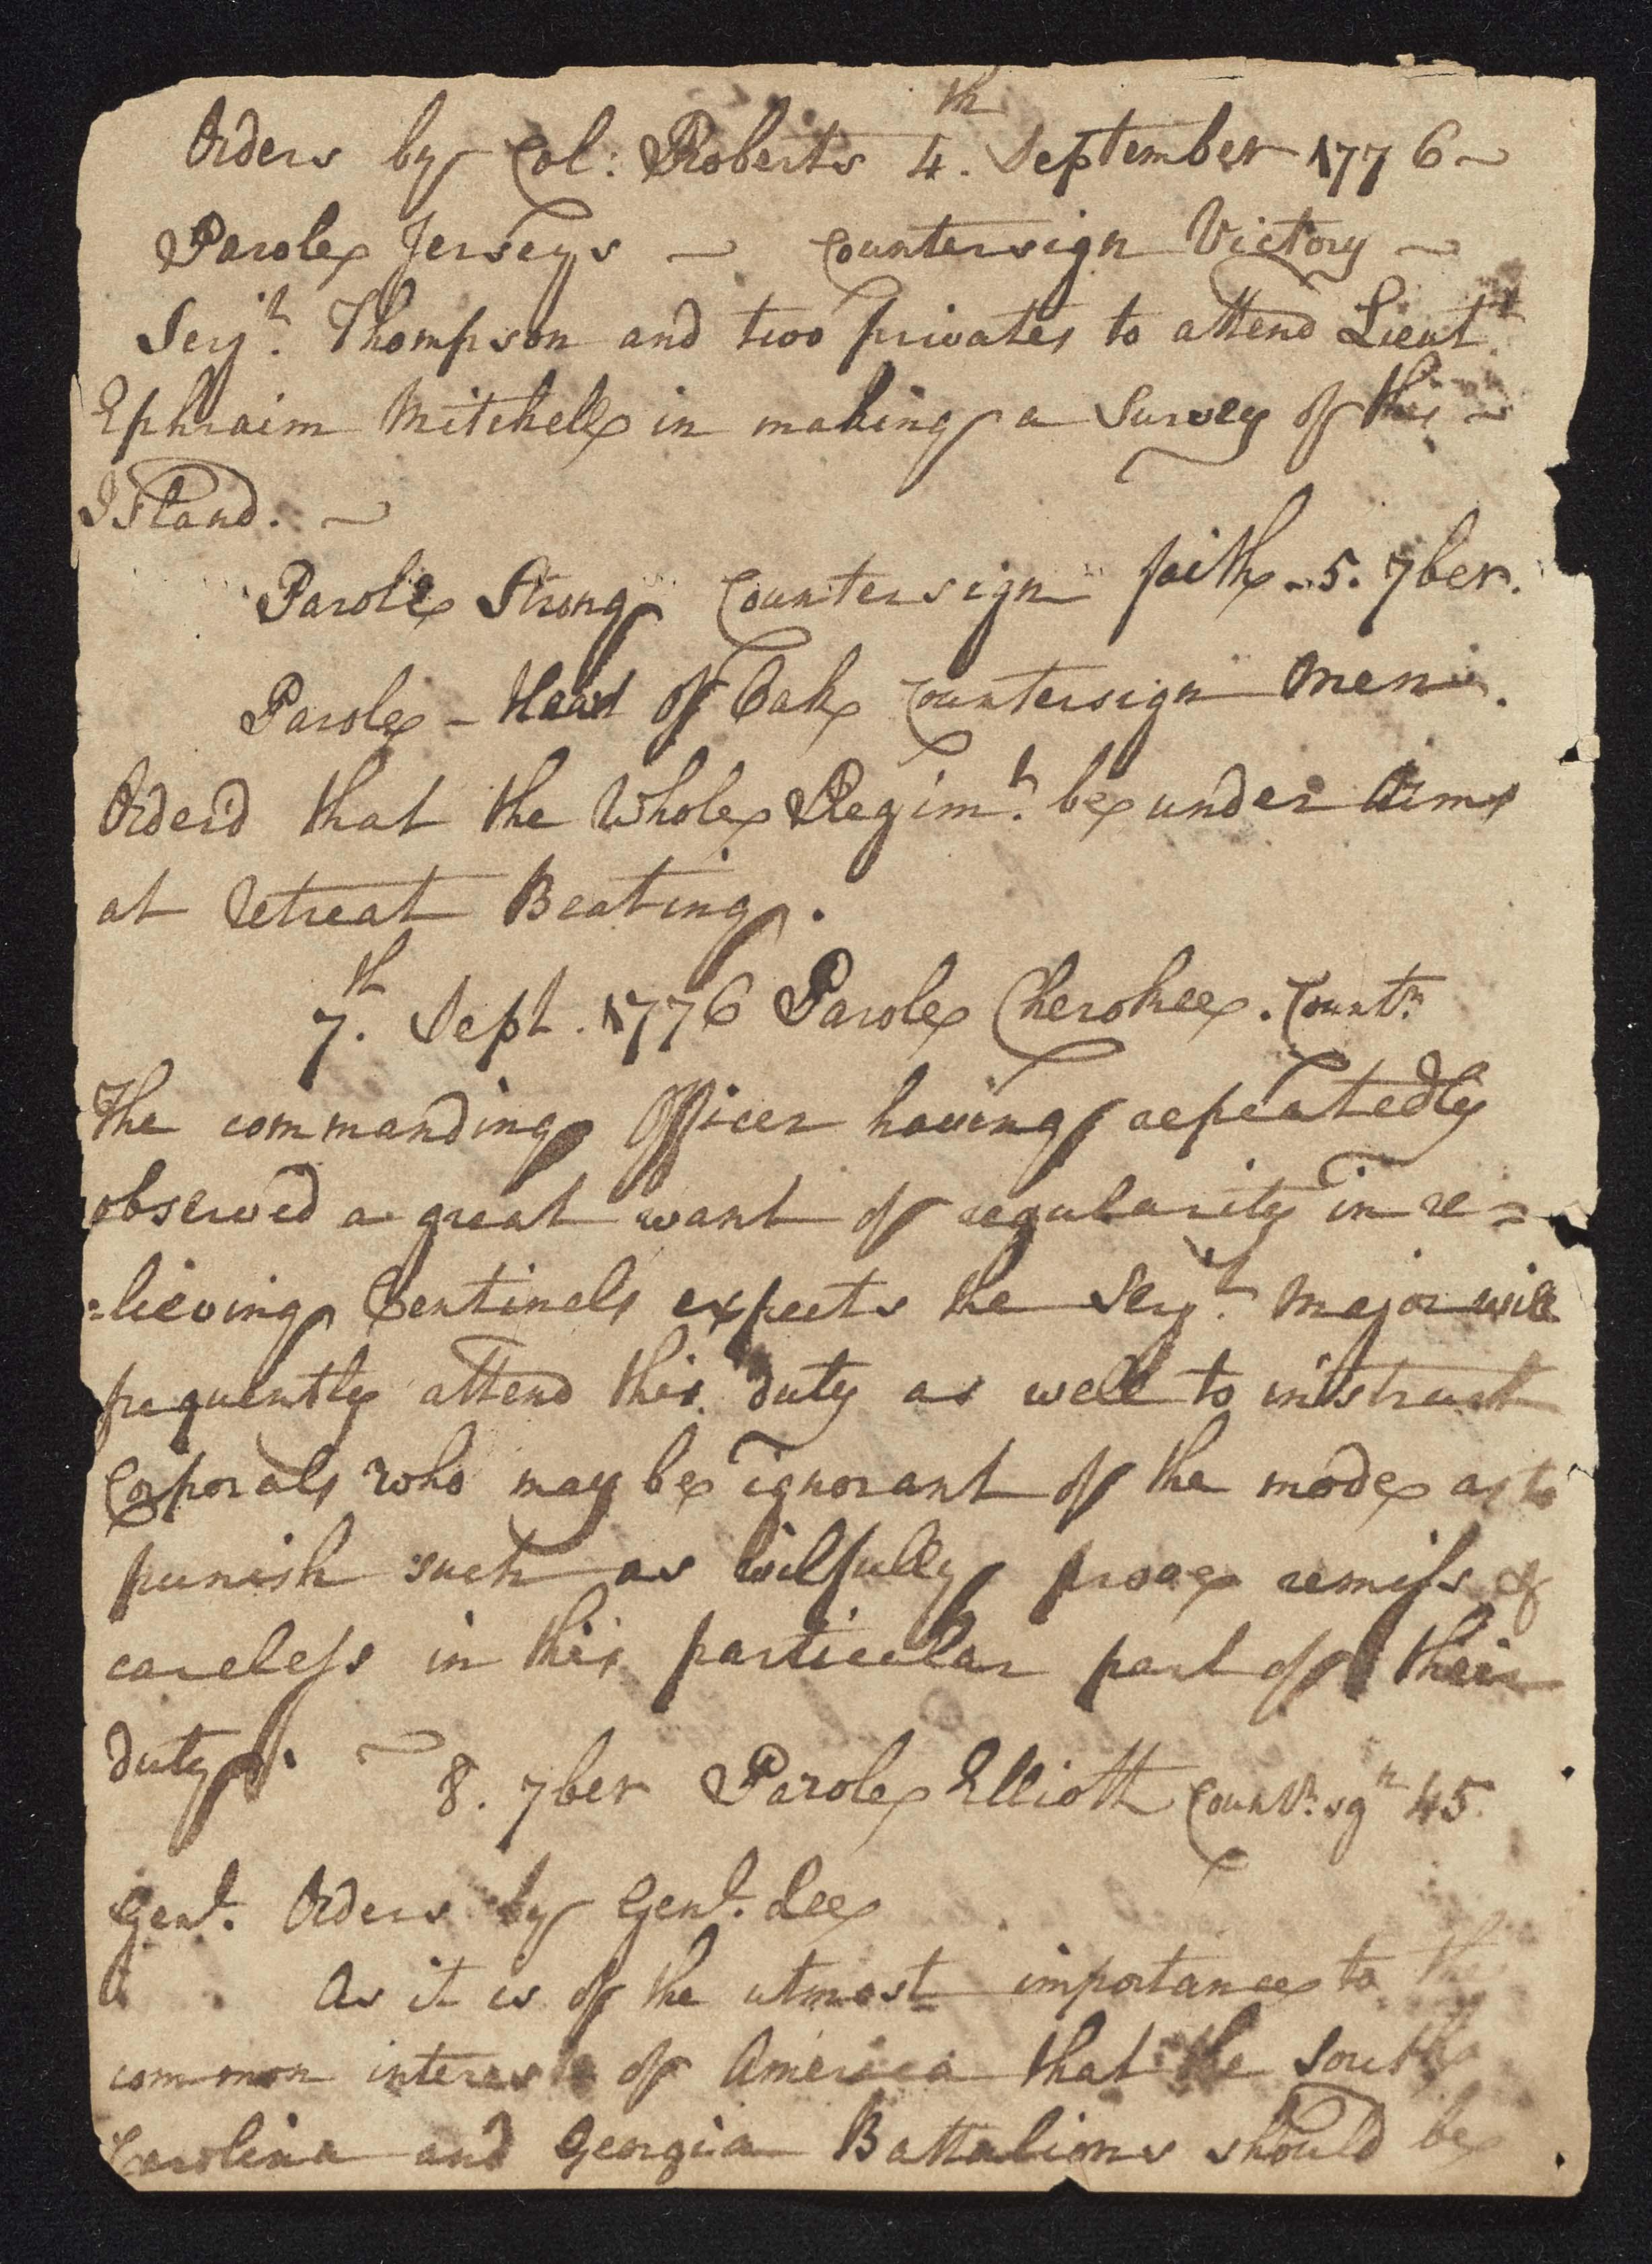 South Carolina Regiment Order Book, Page 174